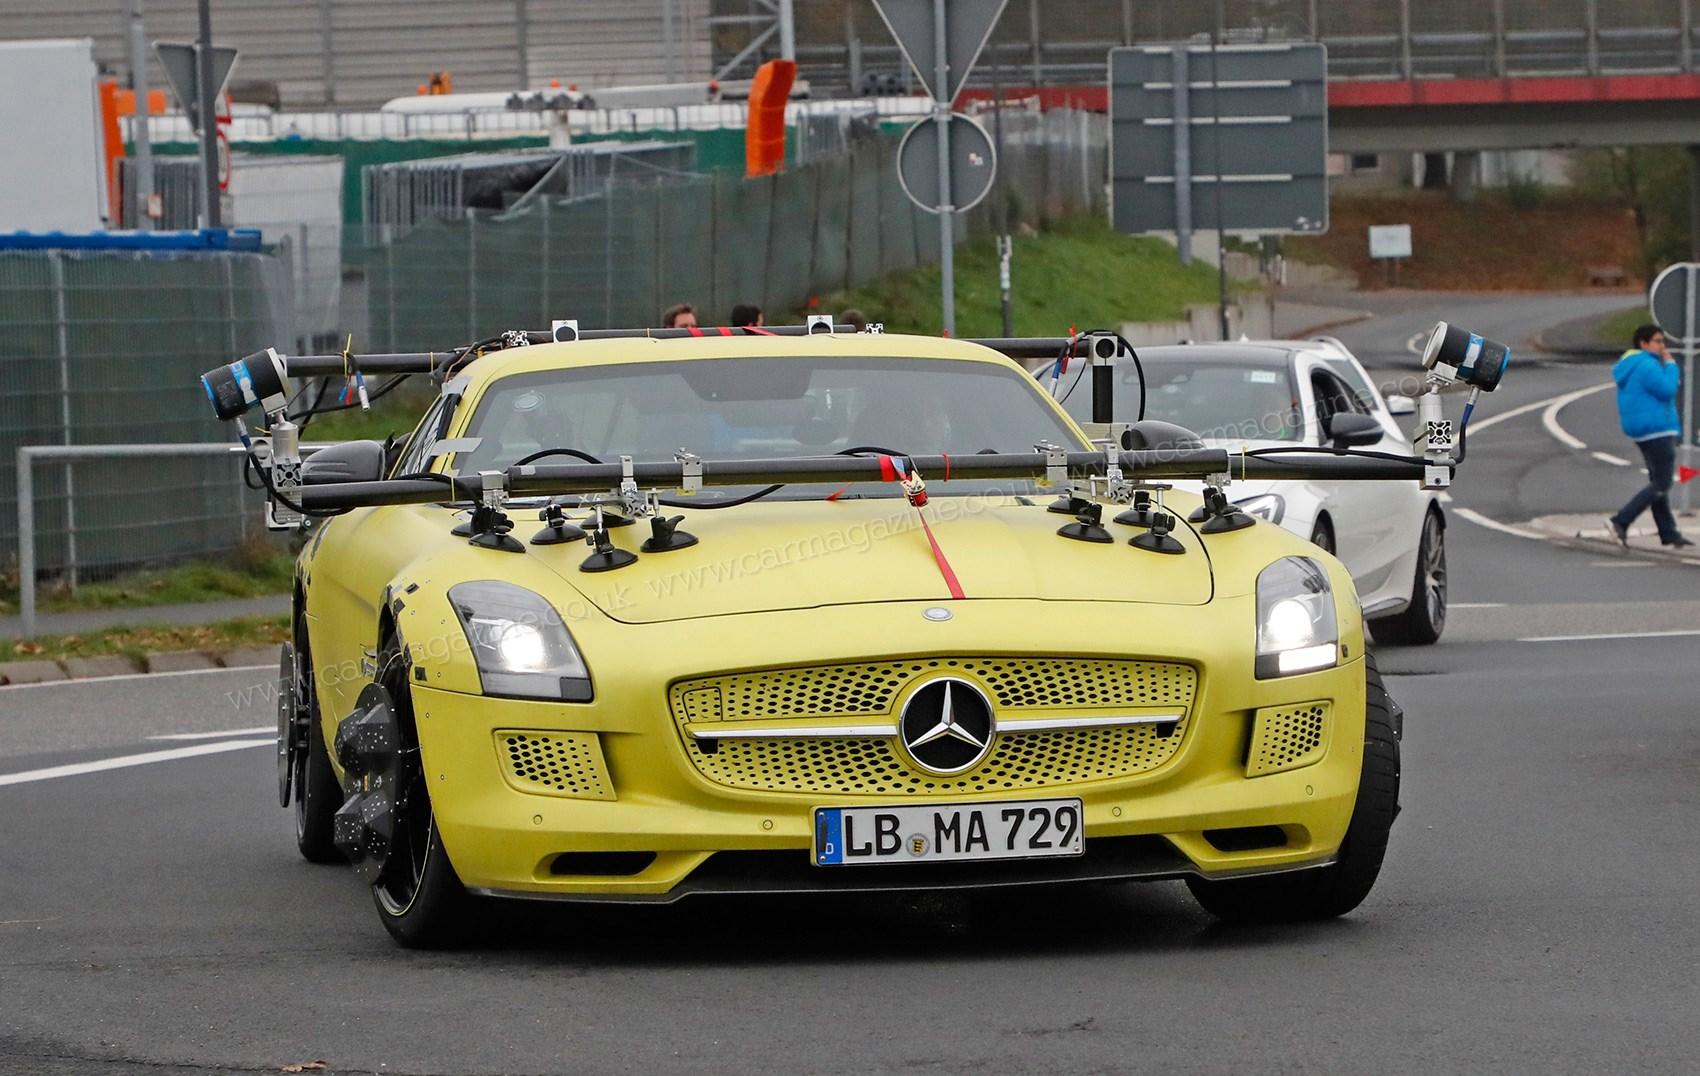 Mercedes sls electric